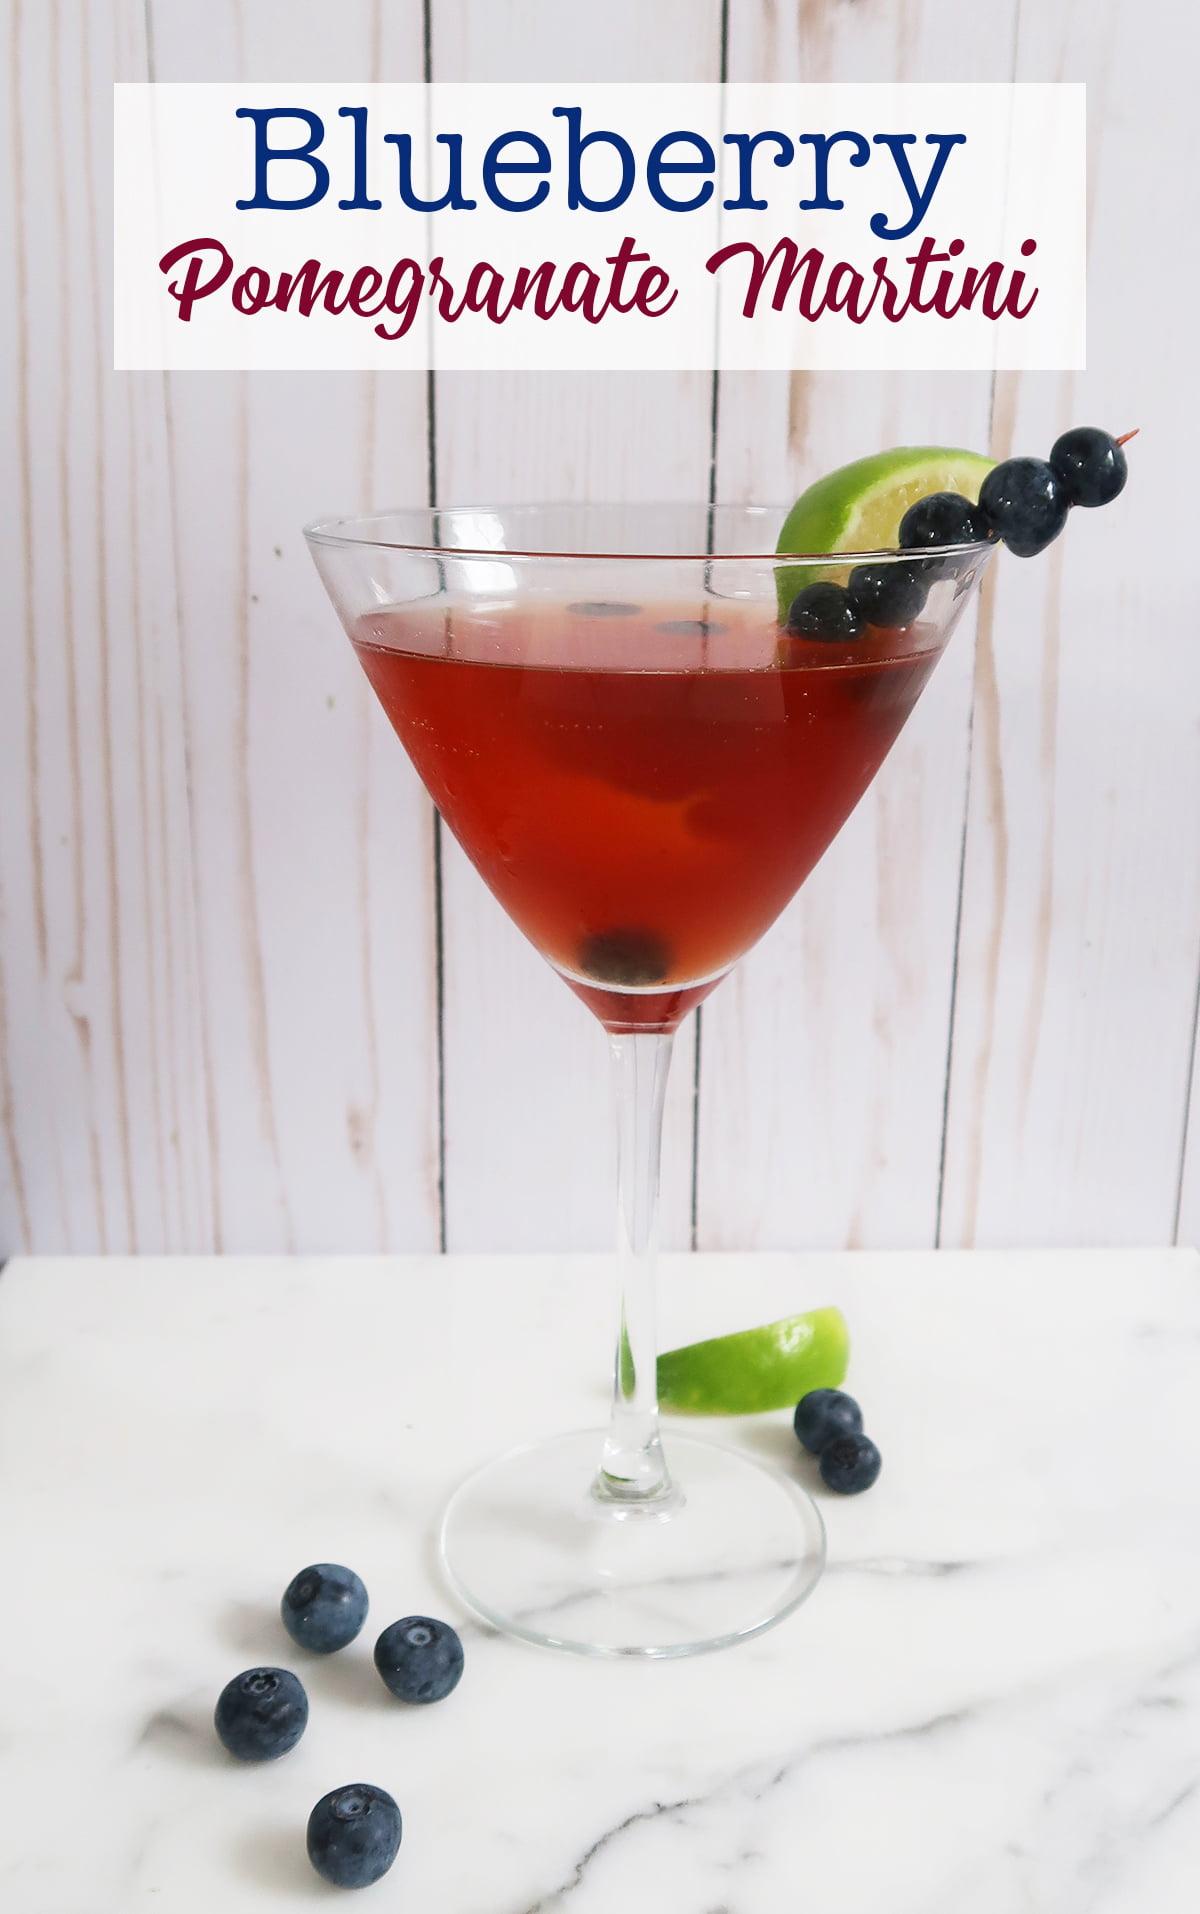 Blueberry Pomegranate Martini recipe